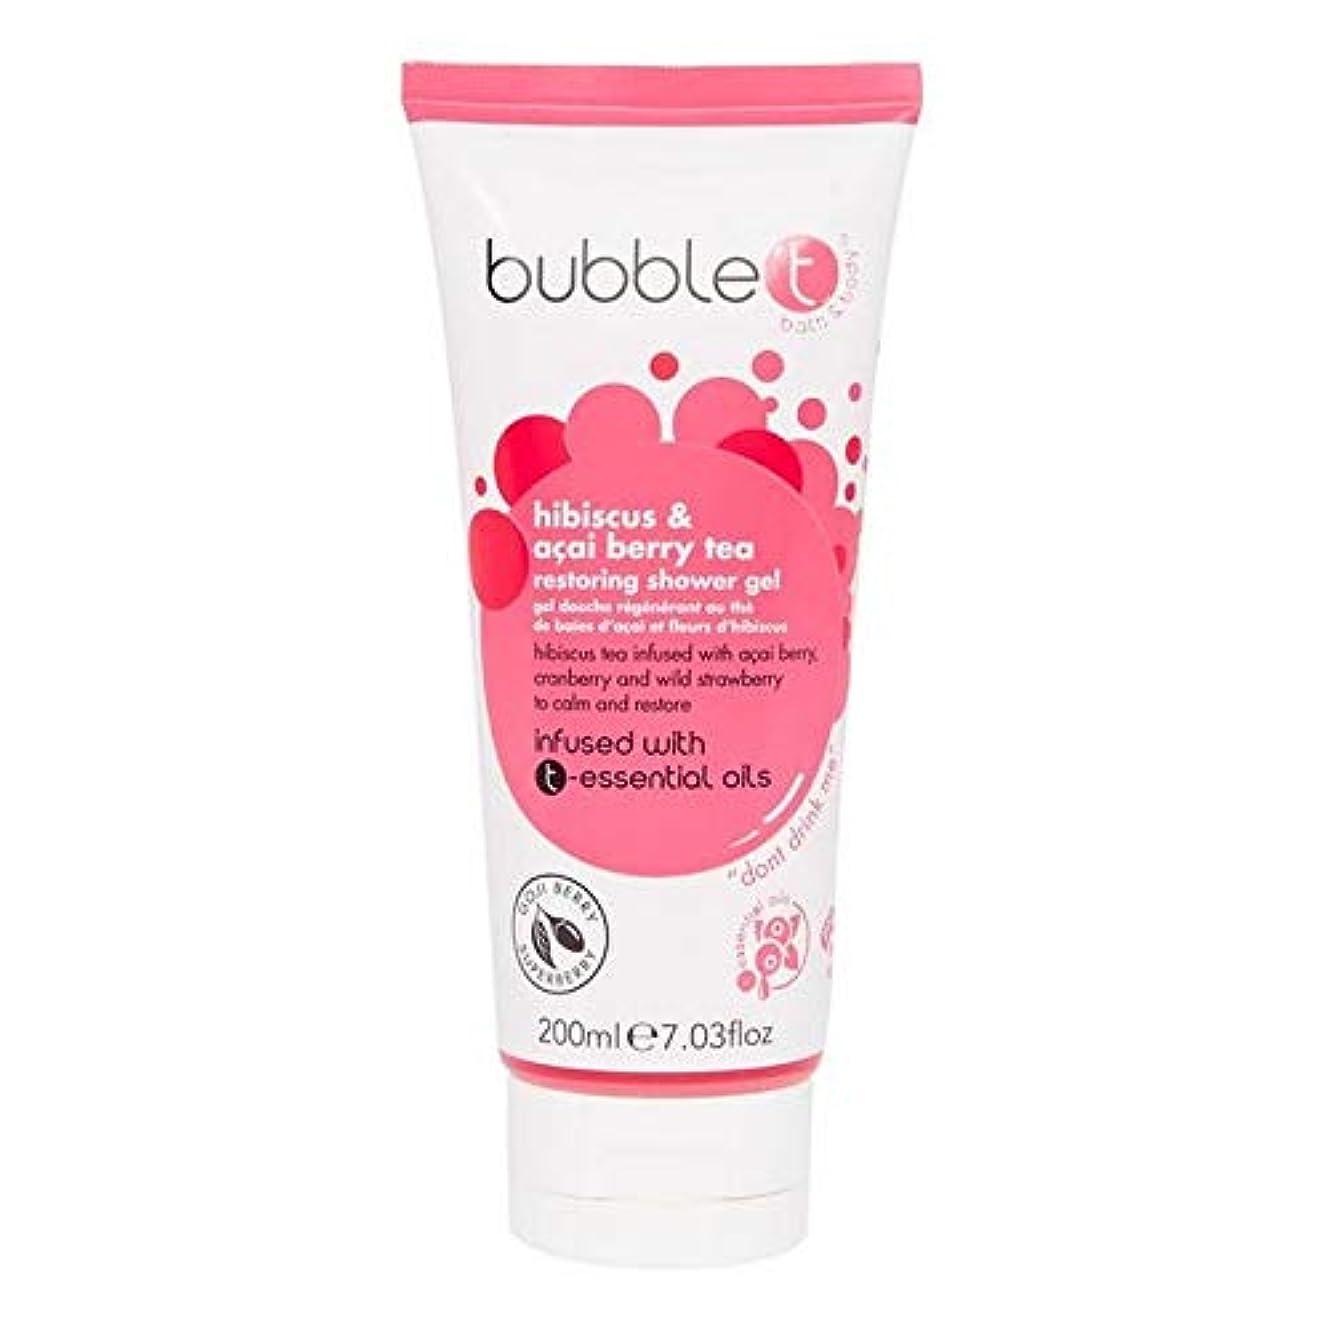 タンカー入場以来[Bubble T ] バブルトン化粧品シャワージェル、ハイビスカス&アサイベリー茶200ミリリットル - Bubble T Cosmetics Shower Gel, Hibiscus & Acai Berry Tea...